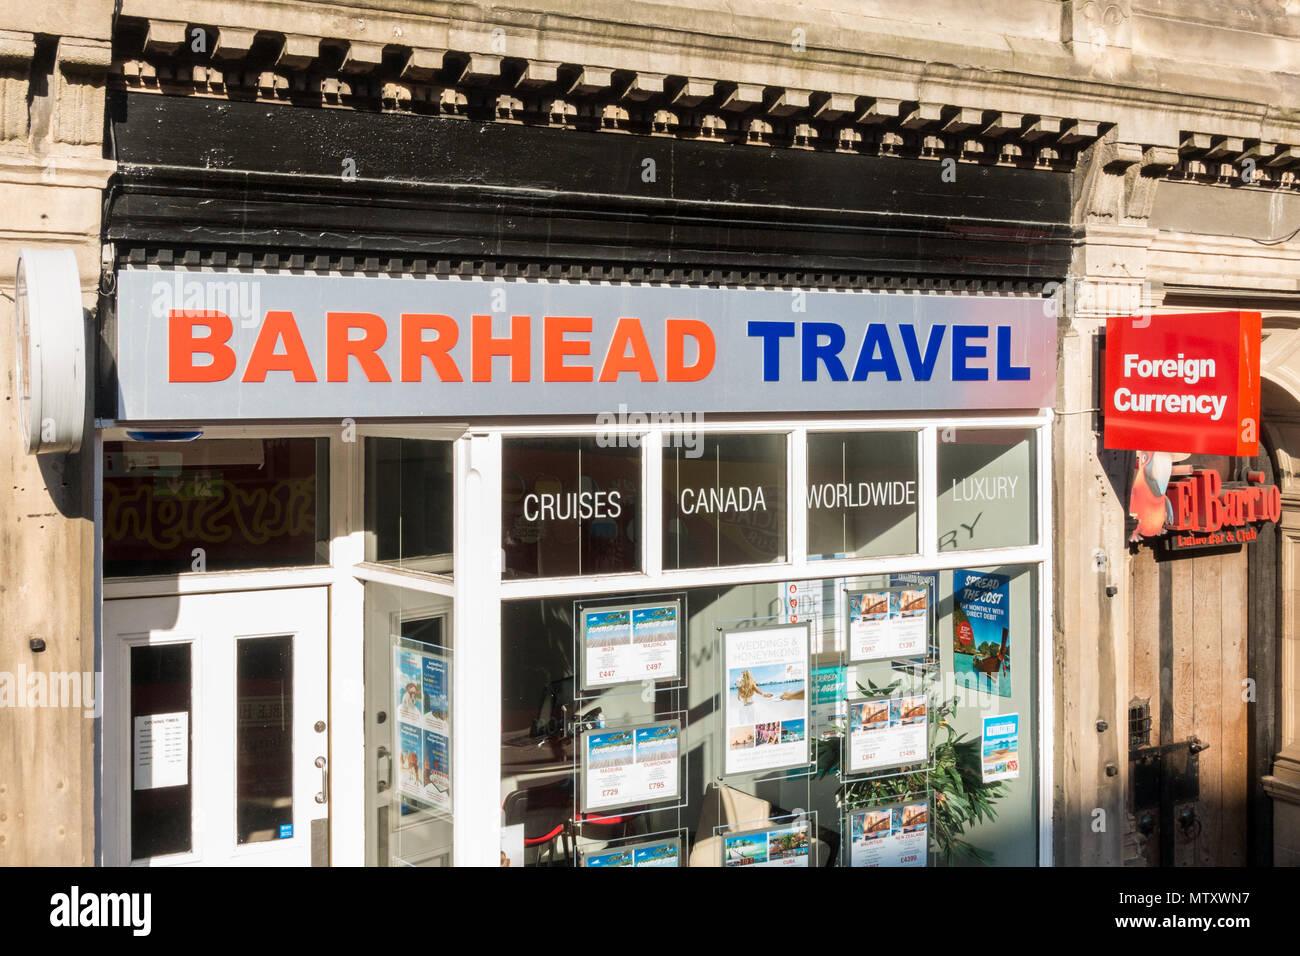 Barrhead Reisen, schottisches Reisebüro jetzt durch Reisen Führer der Gruppe, Hanover Street, Edinburgh, Schottland, Großbritannien Besitz Stockbild